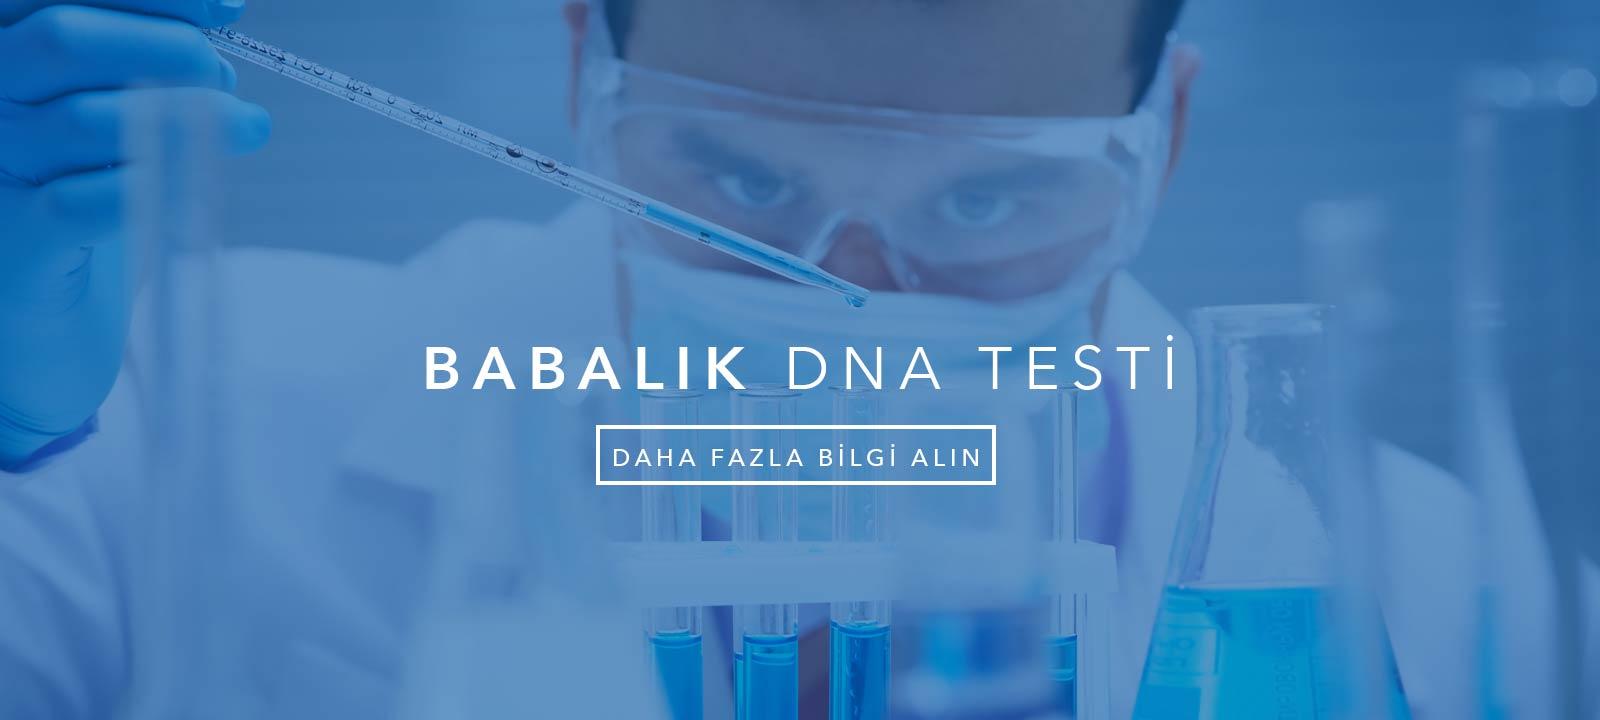 Babalık DNA Testi